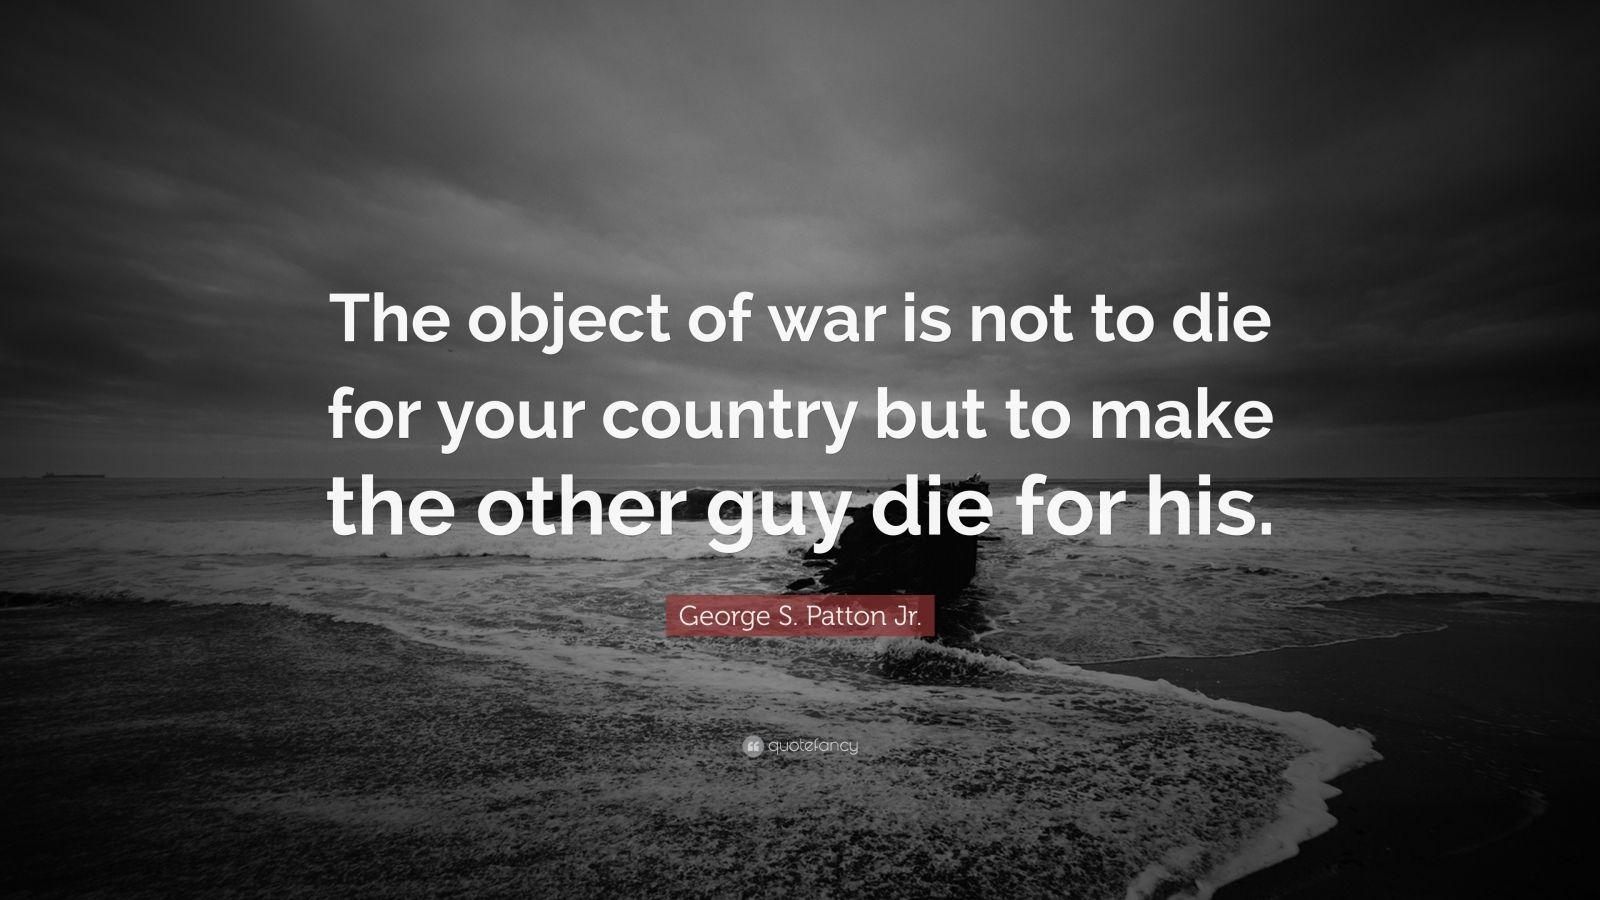 is it really glorious to die for your country It i  sweet and glo i us to die for one's coun ry турецкое произношение ît îz swit ınd glôriıs tı day fôr wʌnz kʌntri.